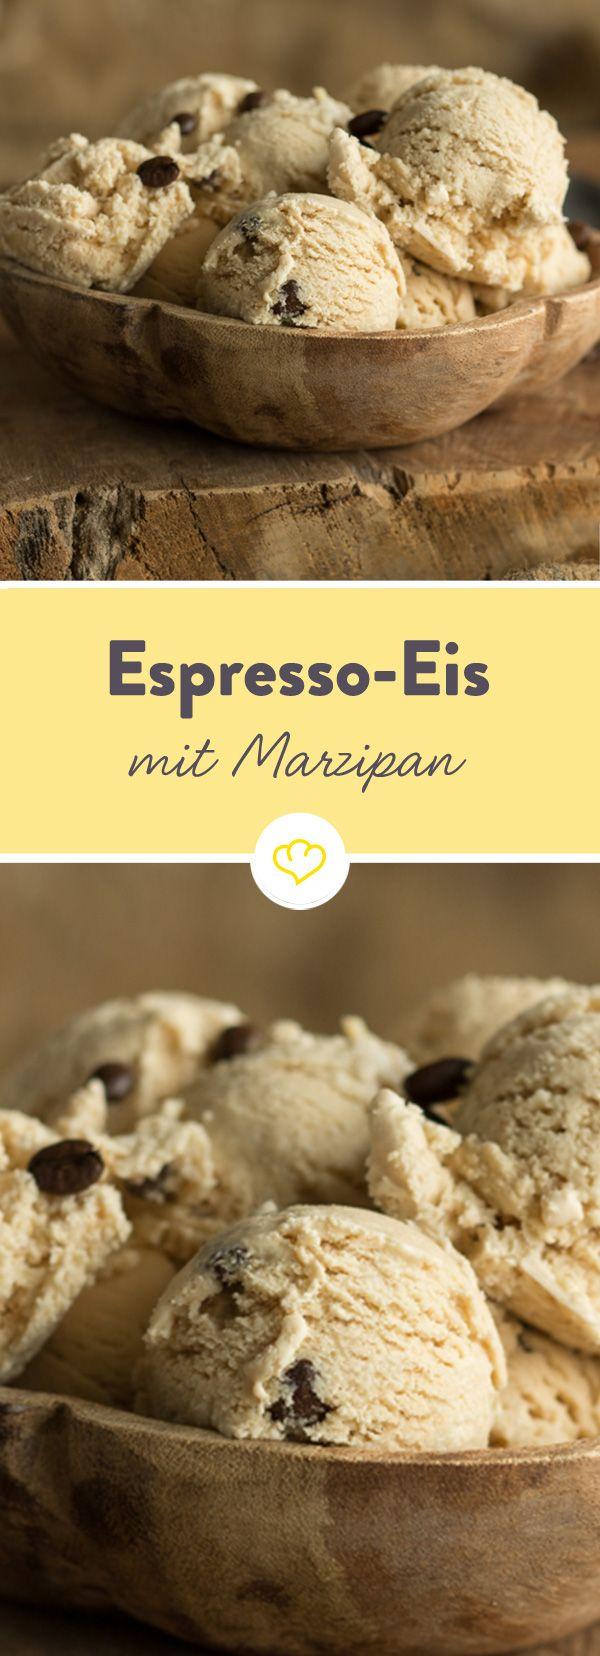 Statt Cookie-Teig macht sich hier süßer Marzipan im Eis gemütlich. Für die feine herbe Note sorgen ein wenig Espresso und Kaffeebohnen mit Schokoüberzug.